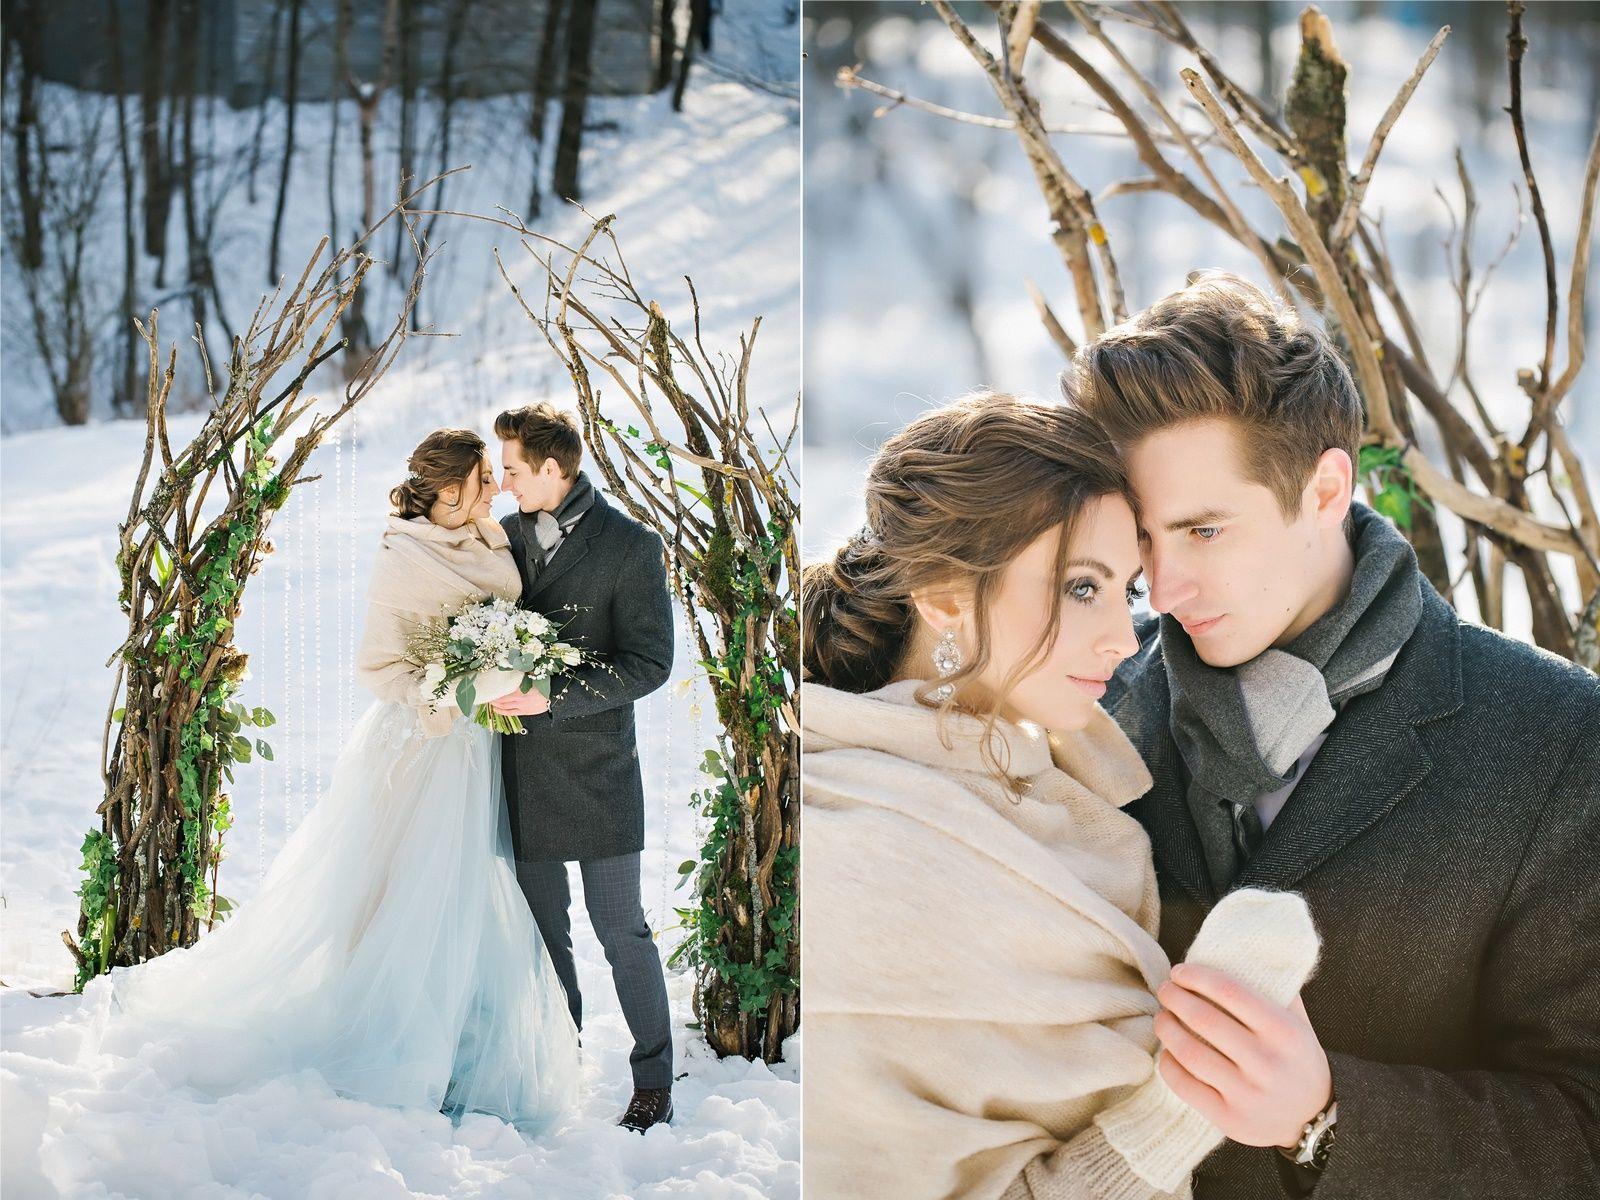 фотообоев любом идеи для зимней свадебной фотосессии фото ушей методом пирсинга